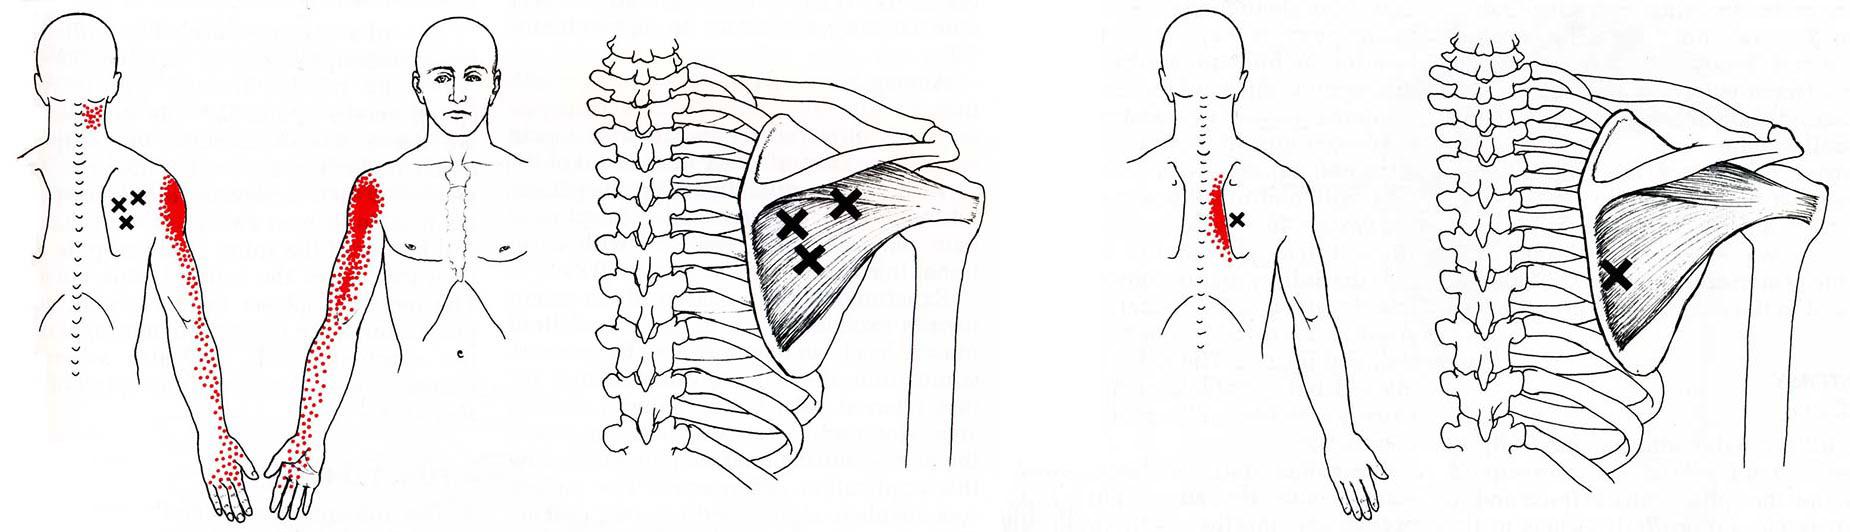 шейный остеохондроз боль в плечевом суставе лечение